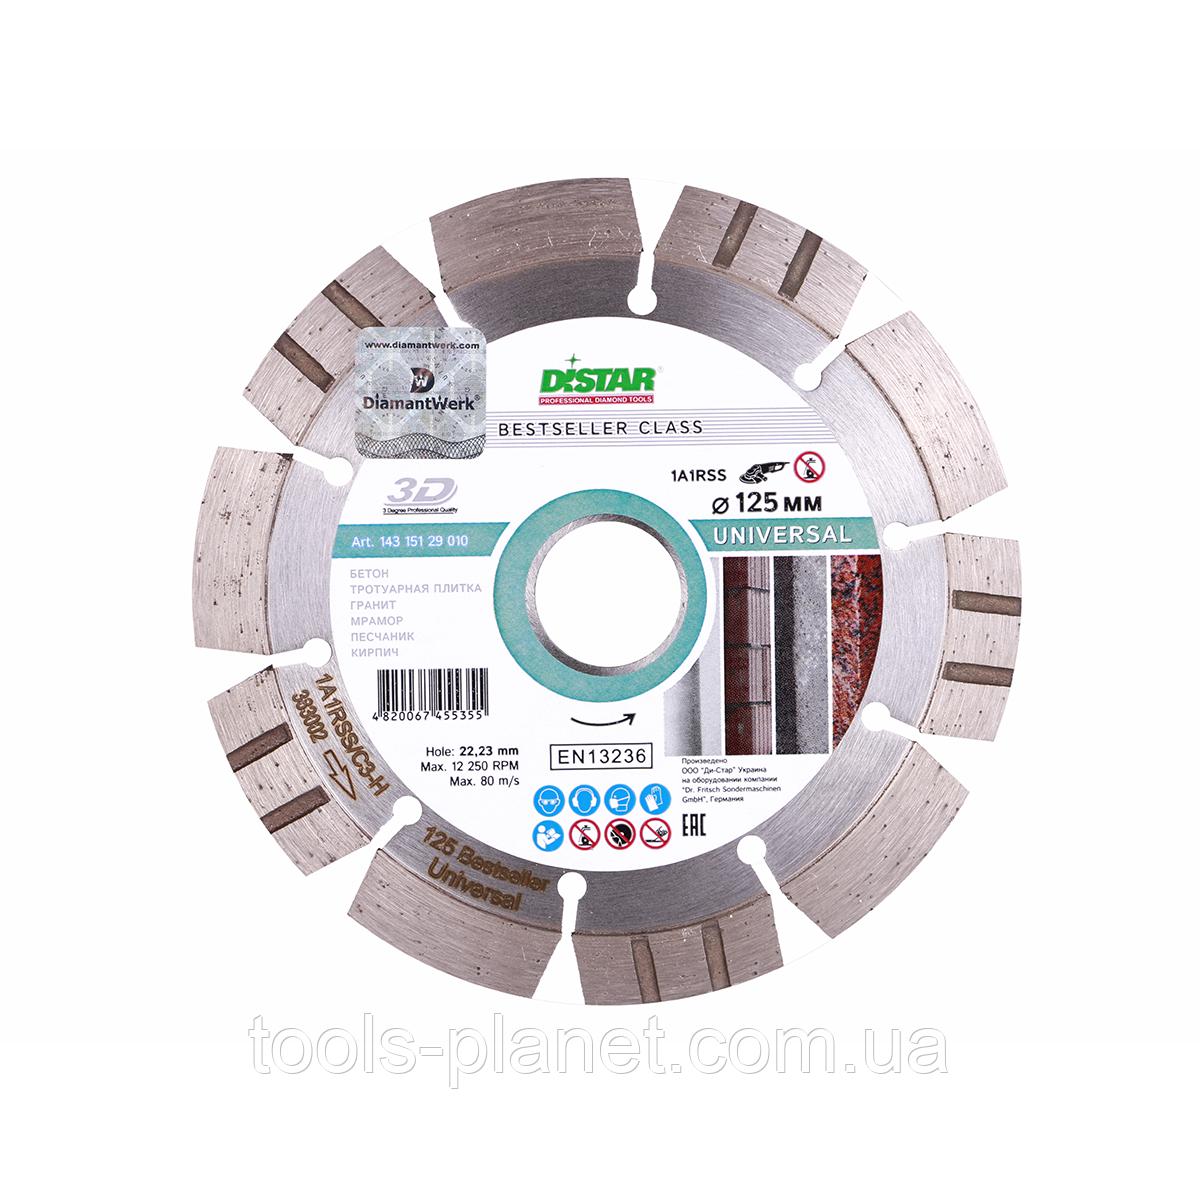 Алмазний диск Distar 1A1RSS/C3 125 x 2,2 x 11 x 22,23 Bestseller Універсальний 3D (14315129010)